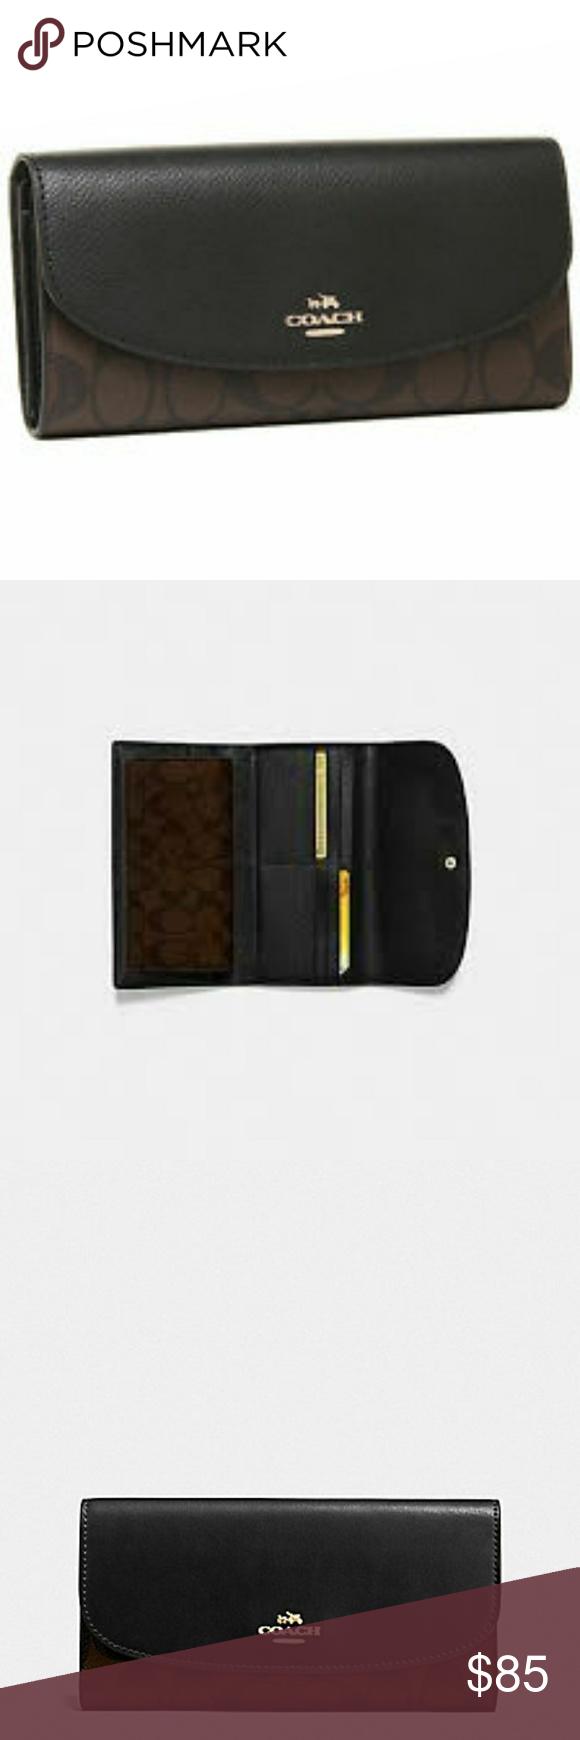 38bb896ca43da New Coach wallet! Checkbook wallet in signature Coach. Coach item number  COACH F57319.